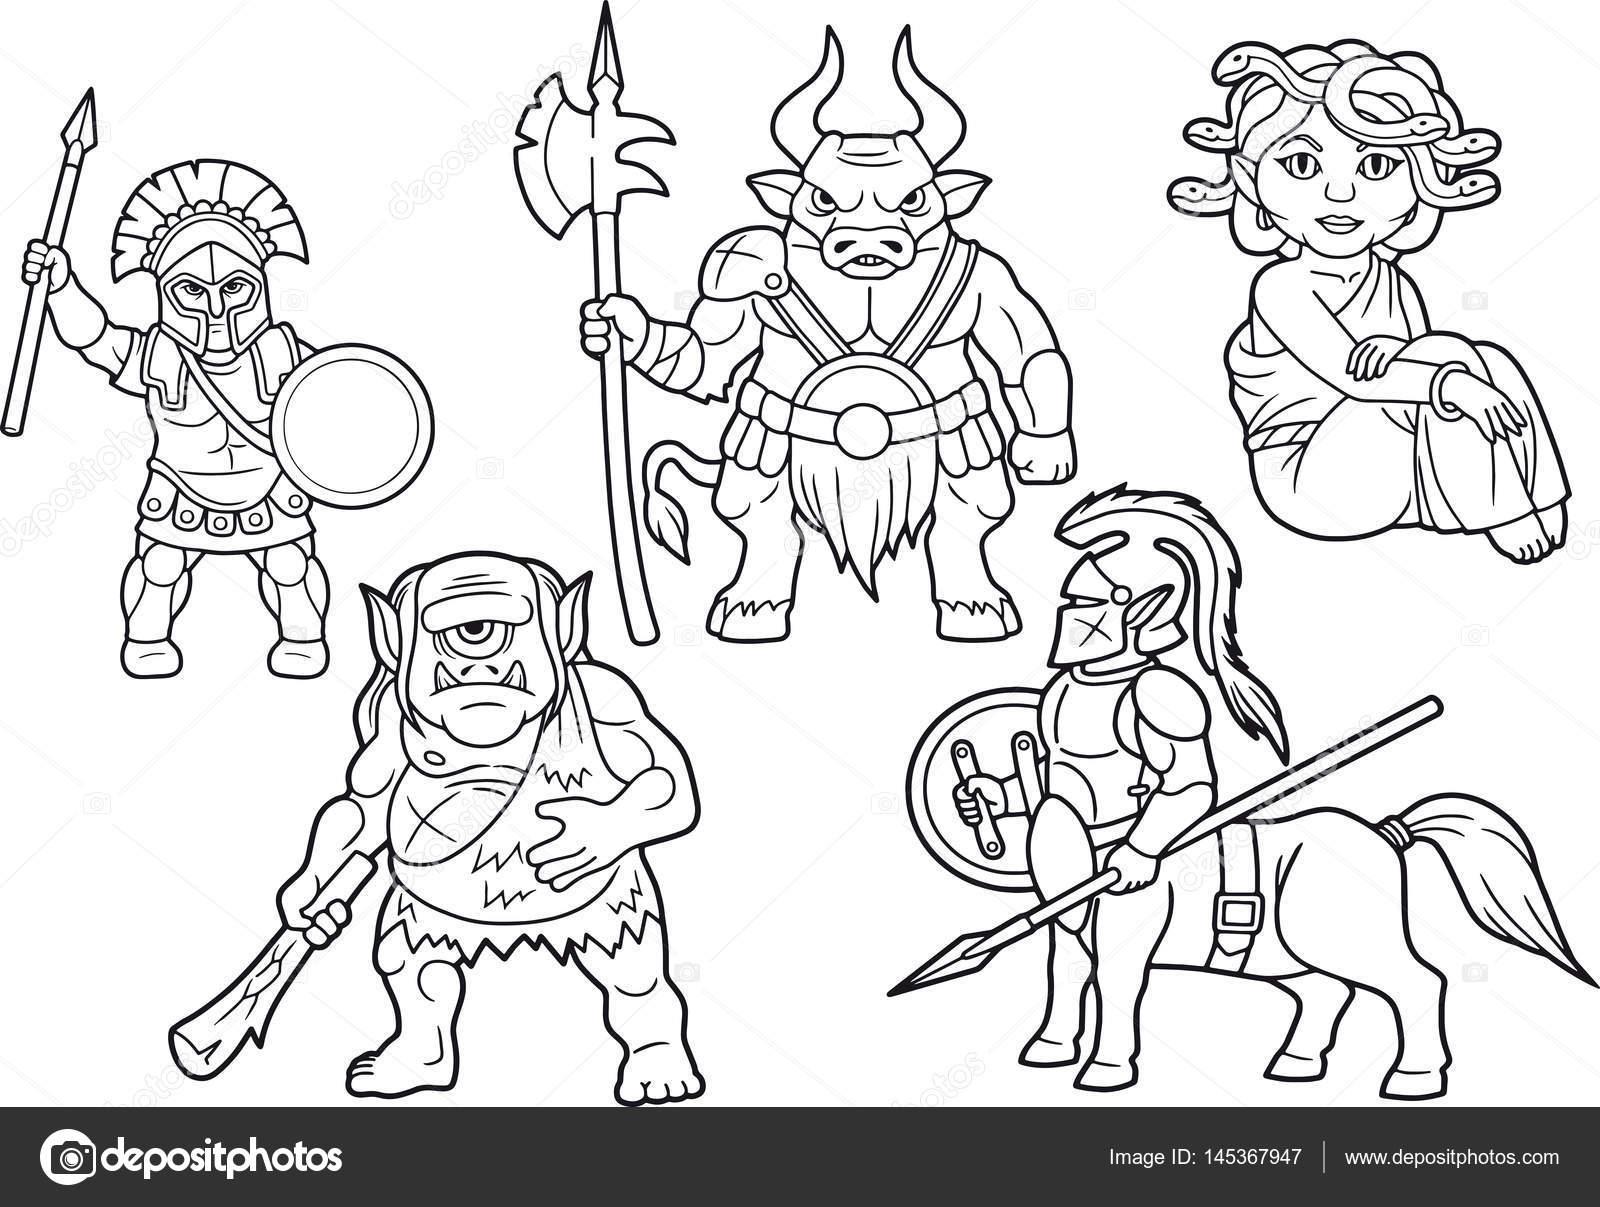 Mitología set de imágenes de dibujos animados — Archivo Imágenes ...